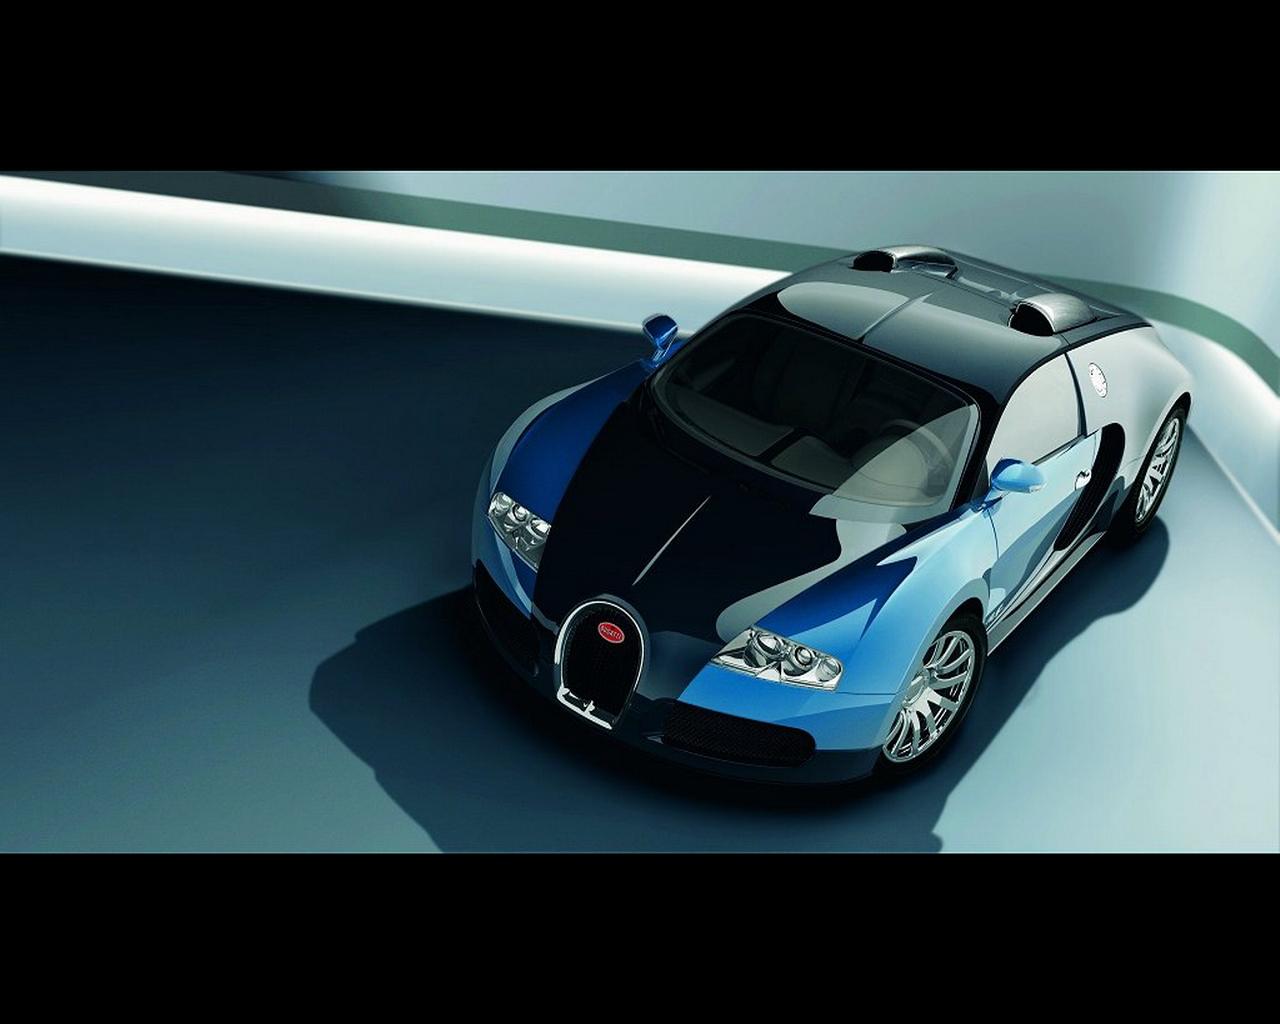 Bugatti Veyron Wallpaper   Supercars Hd Desktop Wallpaper 1280x1024